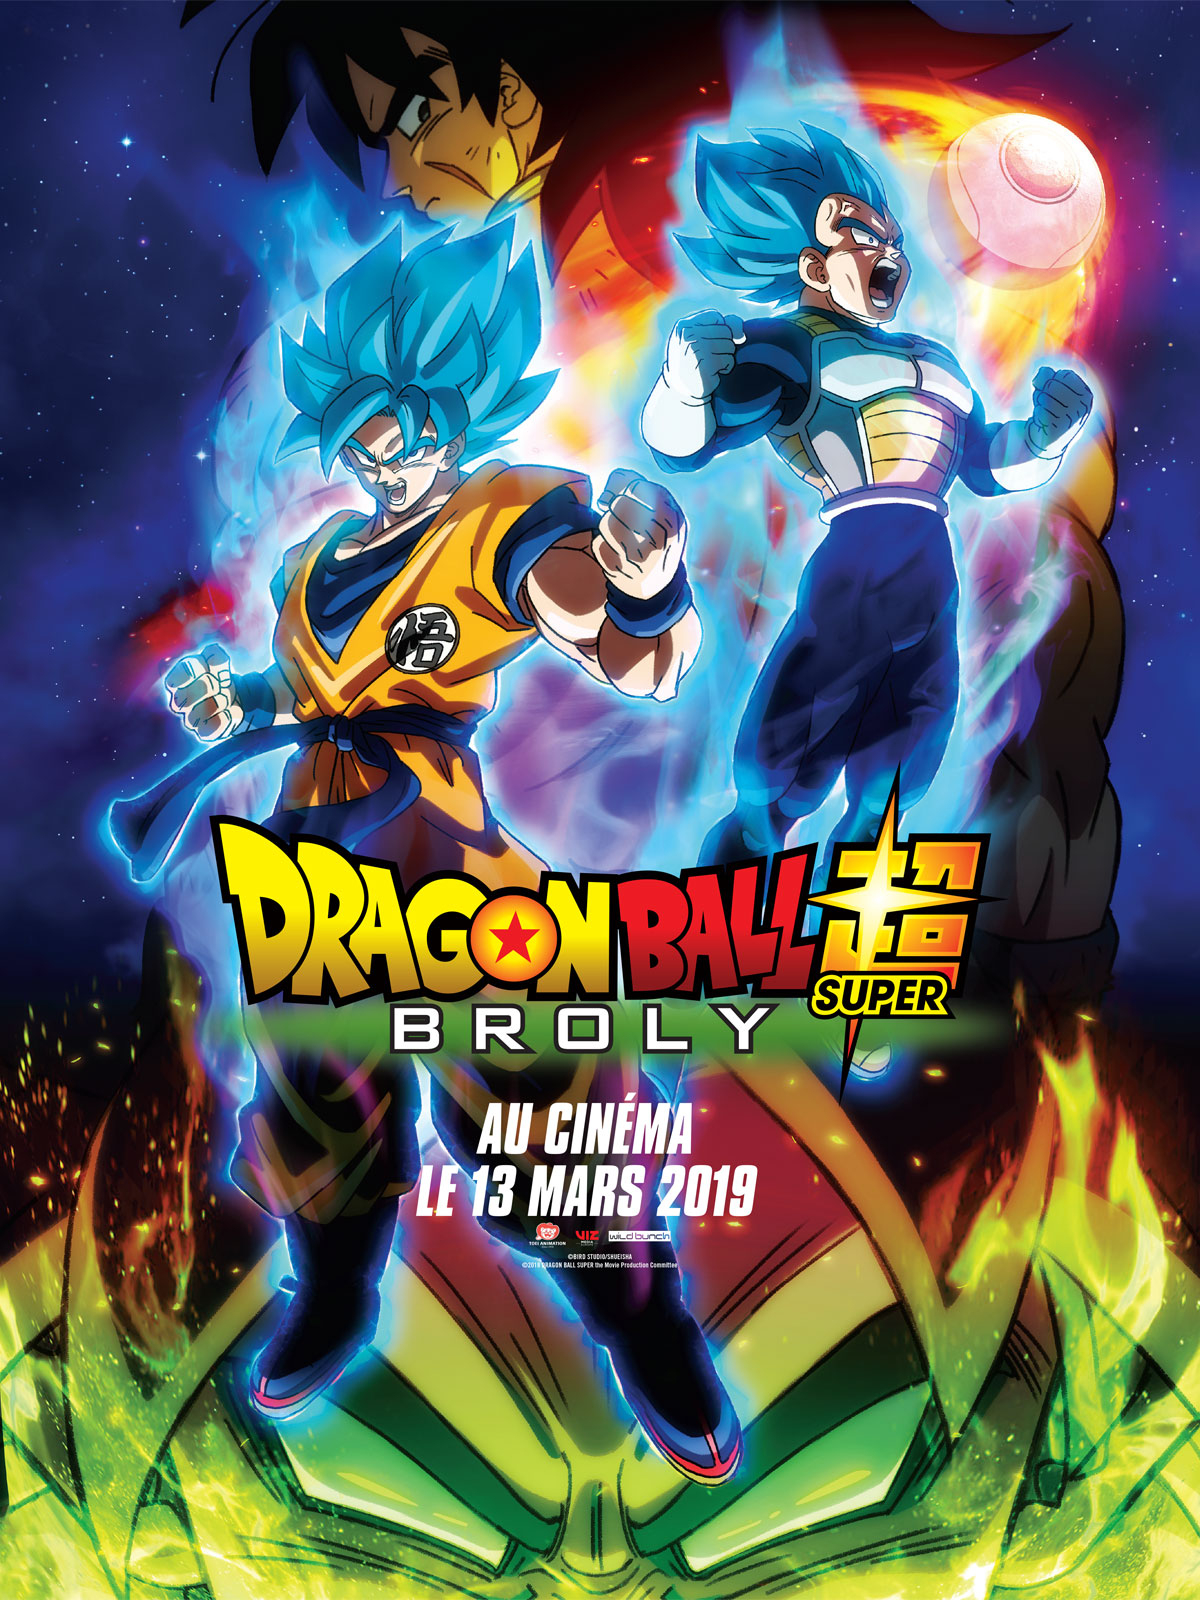 Dragon Ball Super: Broly - Film 2018 - Allociné destiné Dessin Animé De Dragon Ball Z